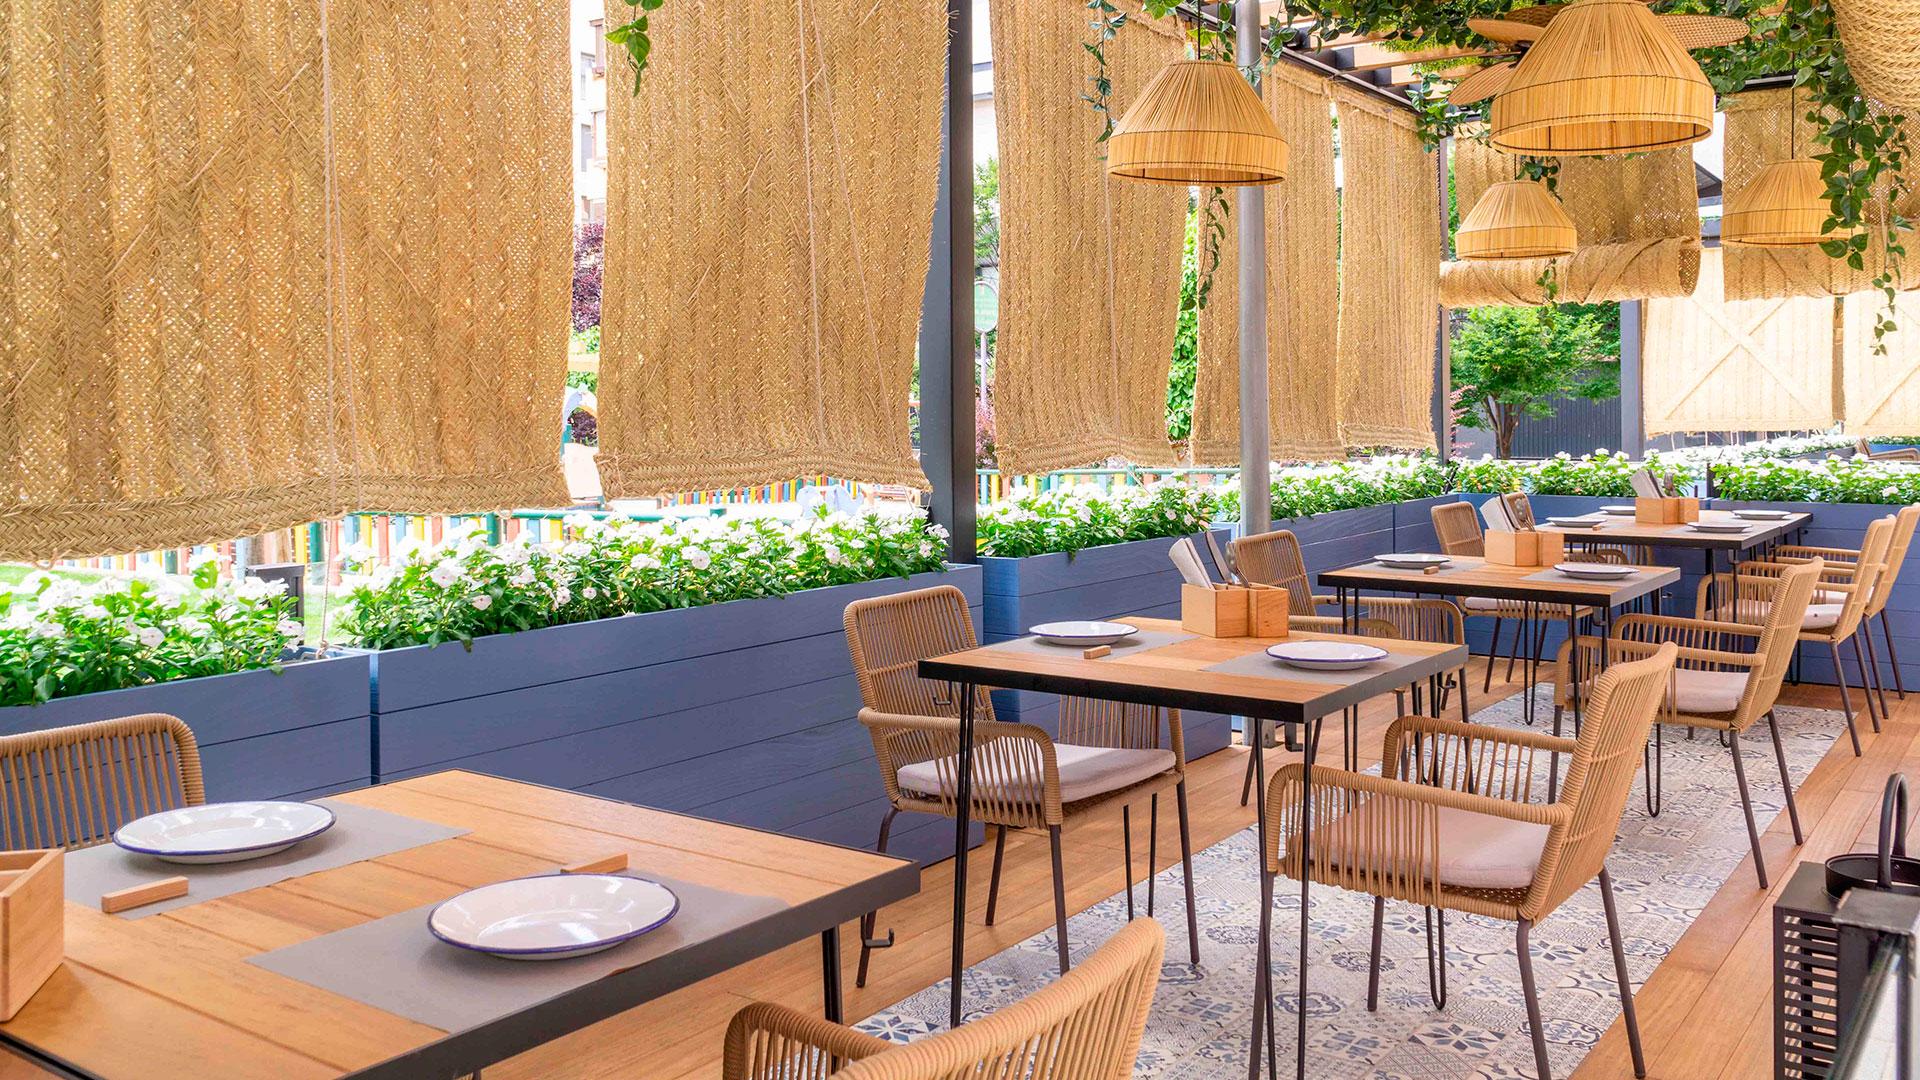 Imagen del restaurante Sagrario Tradición